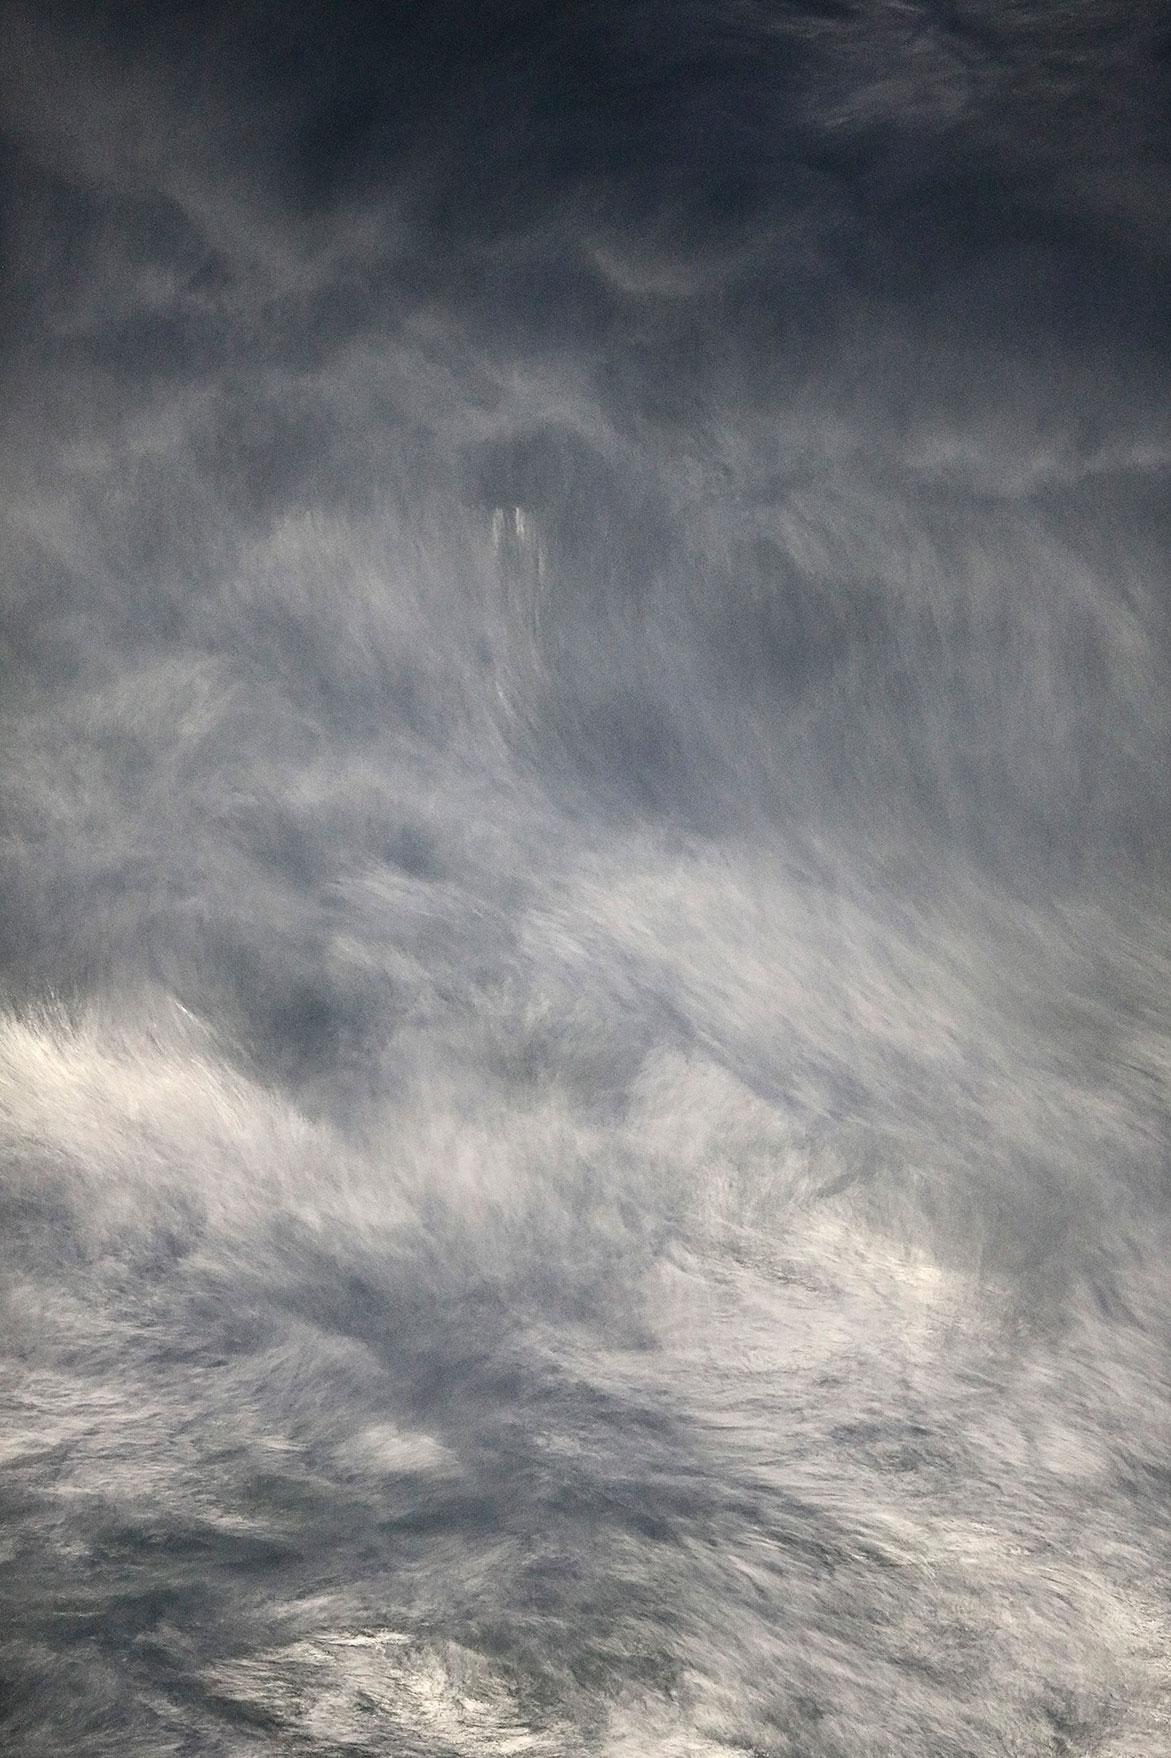 Tide-#336-·-2011-2017-·-Fine-Art-Pigmentprint-on-Hahnemühle-paper-·-43-x-33-cm